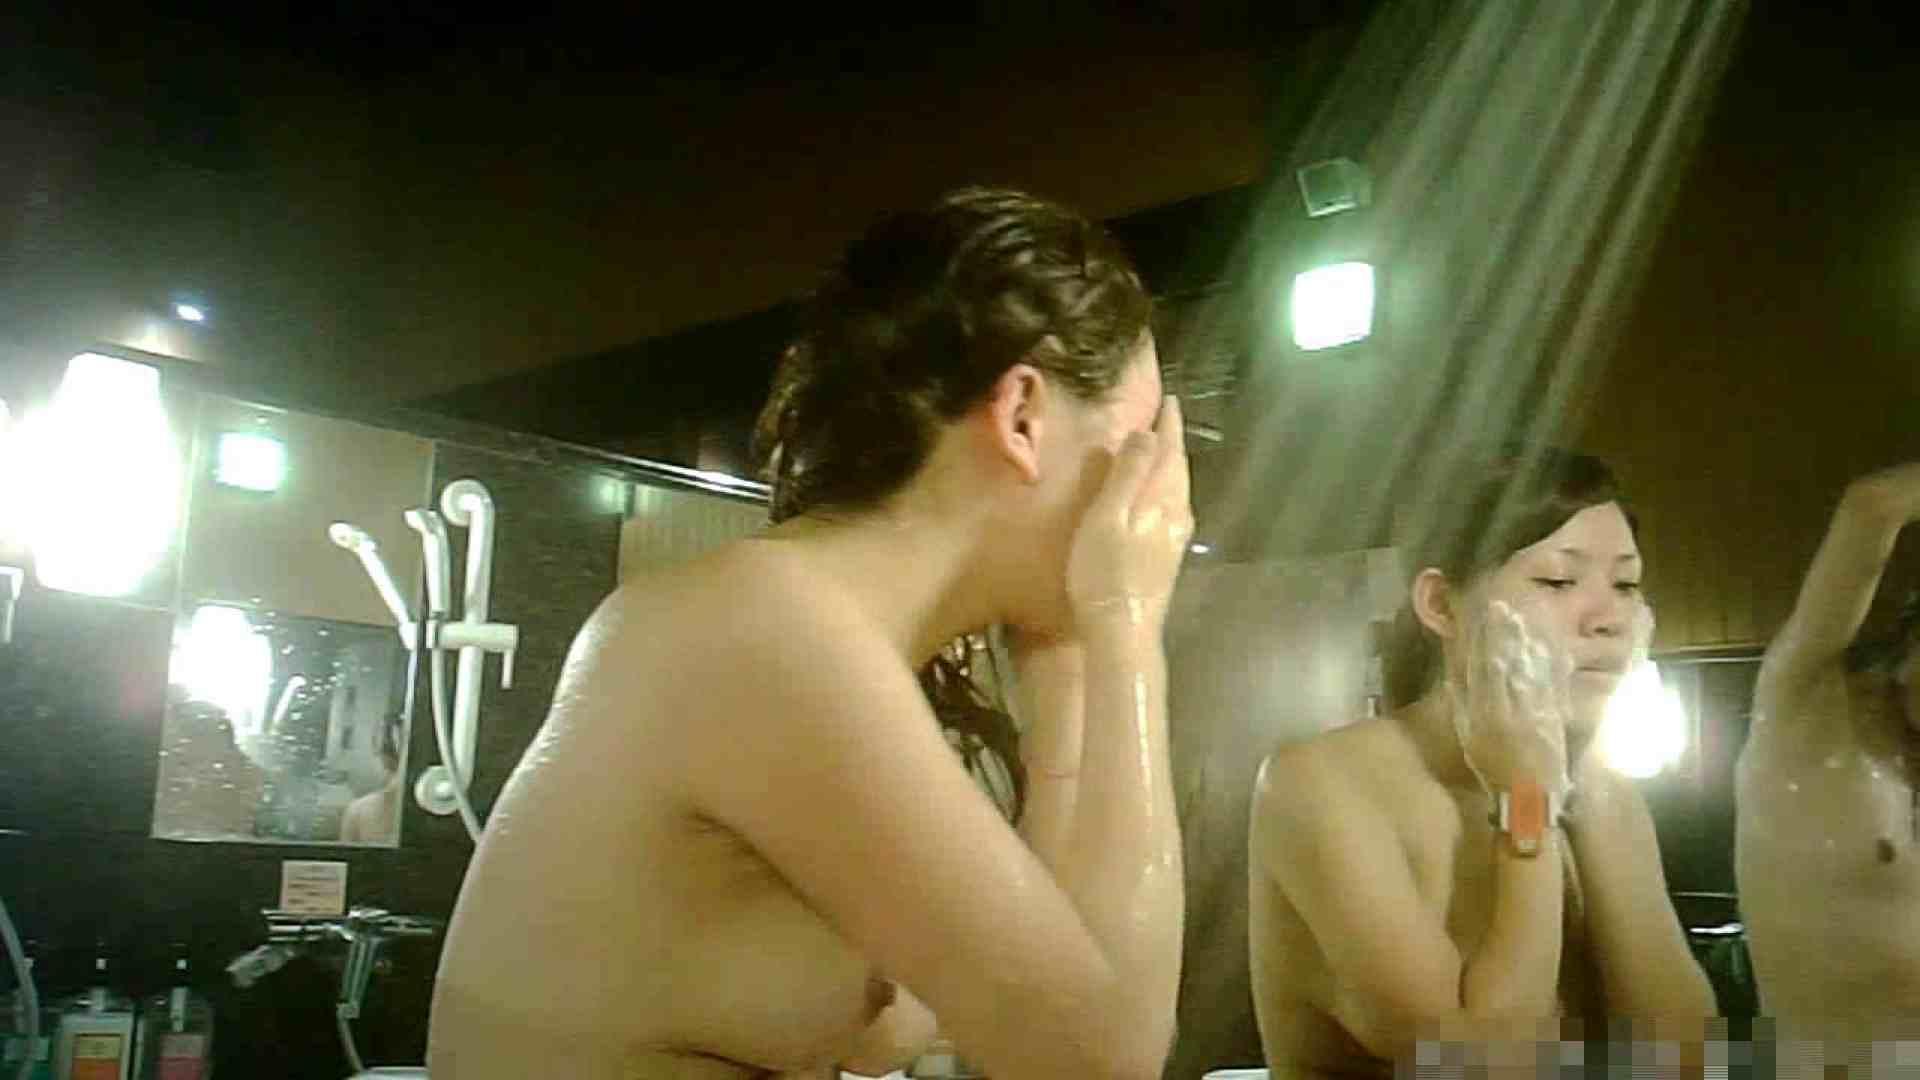 手を染めてしまった女性盗撮師の女風呂潜入記 vol.004 エッチな盗撮 AV無料動画キャプチャ 83pic 23